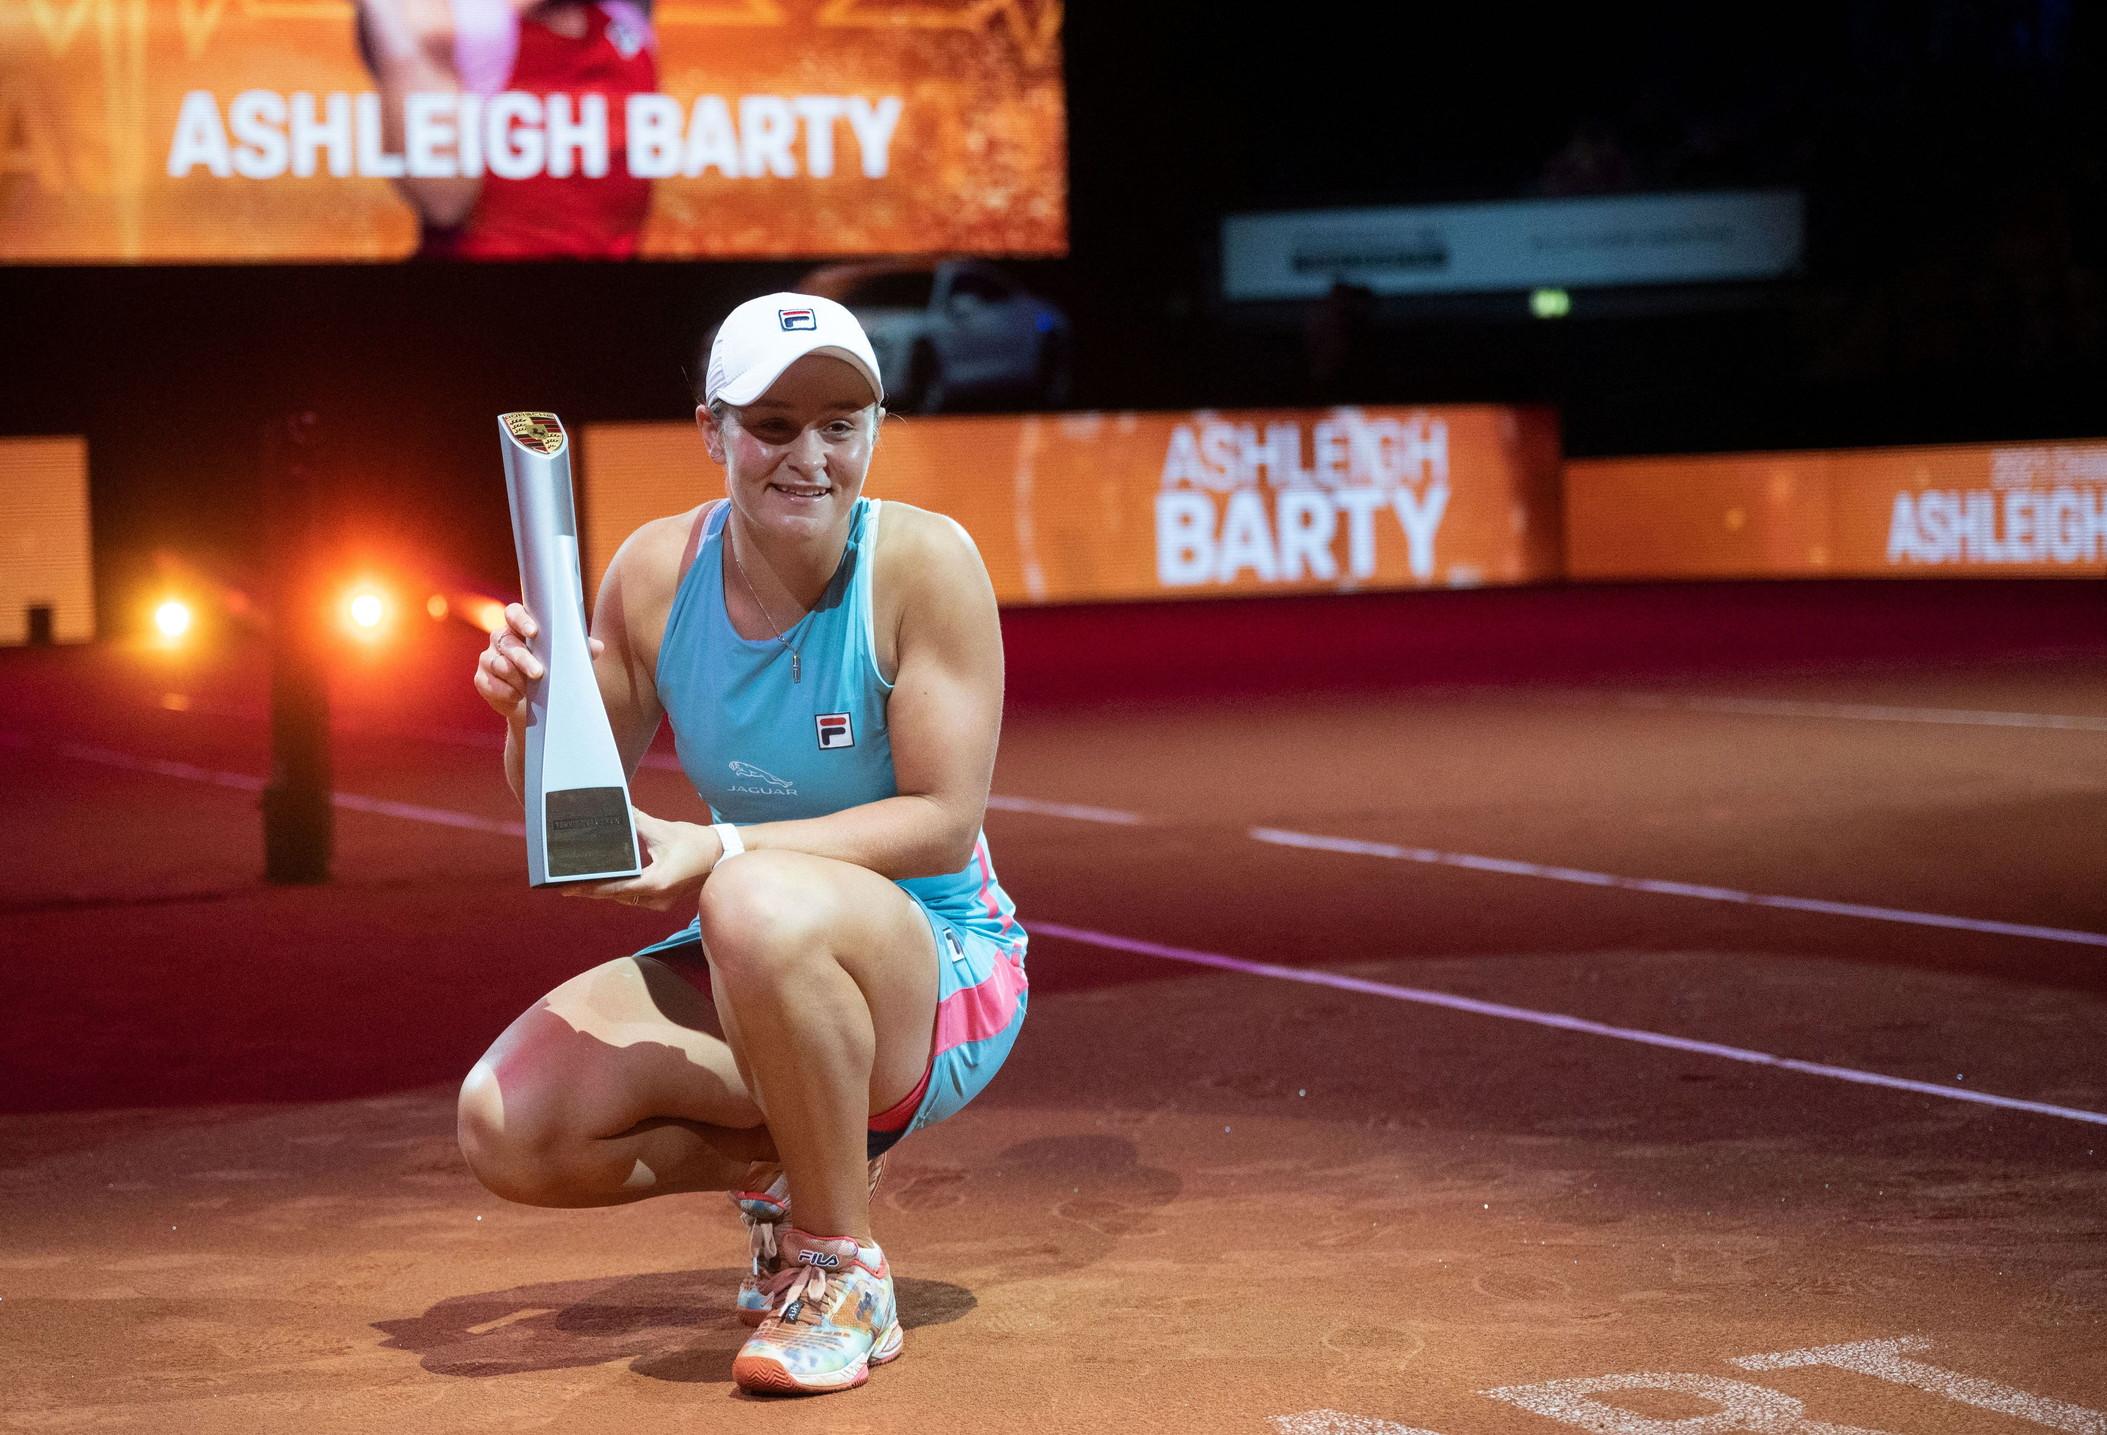 A caccia di un risultato di prestigio sul rosso della Città Eterna l'australiana Ashleigh Barty, regina della classifica WTA e vincitrice del Roland Garros 2019.